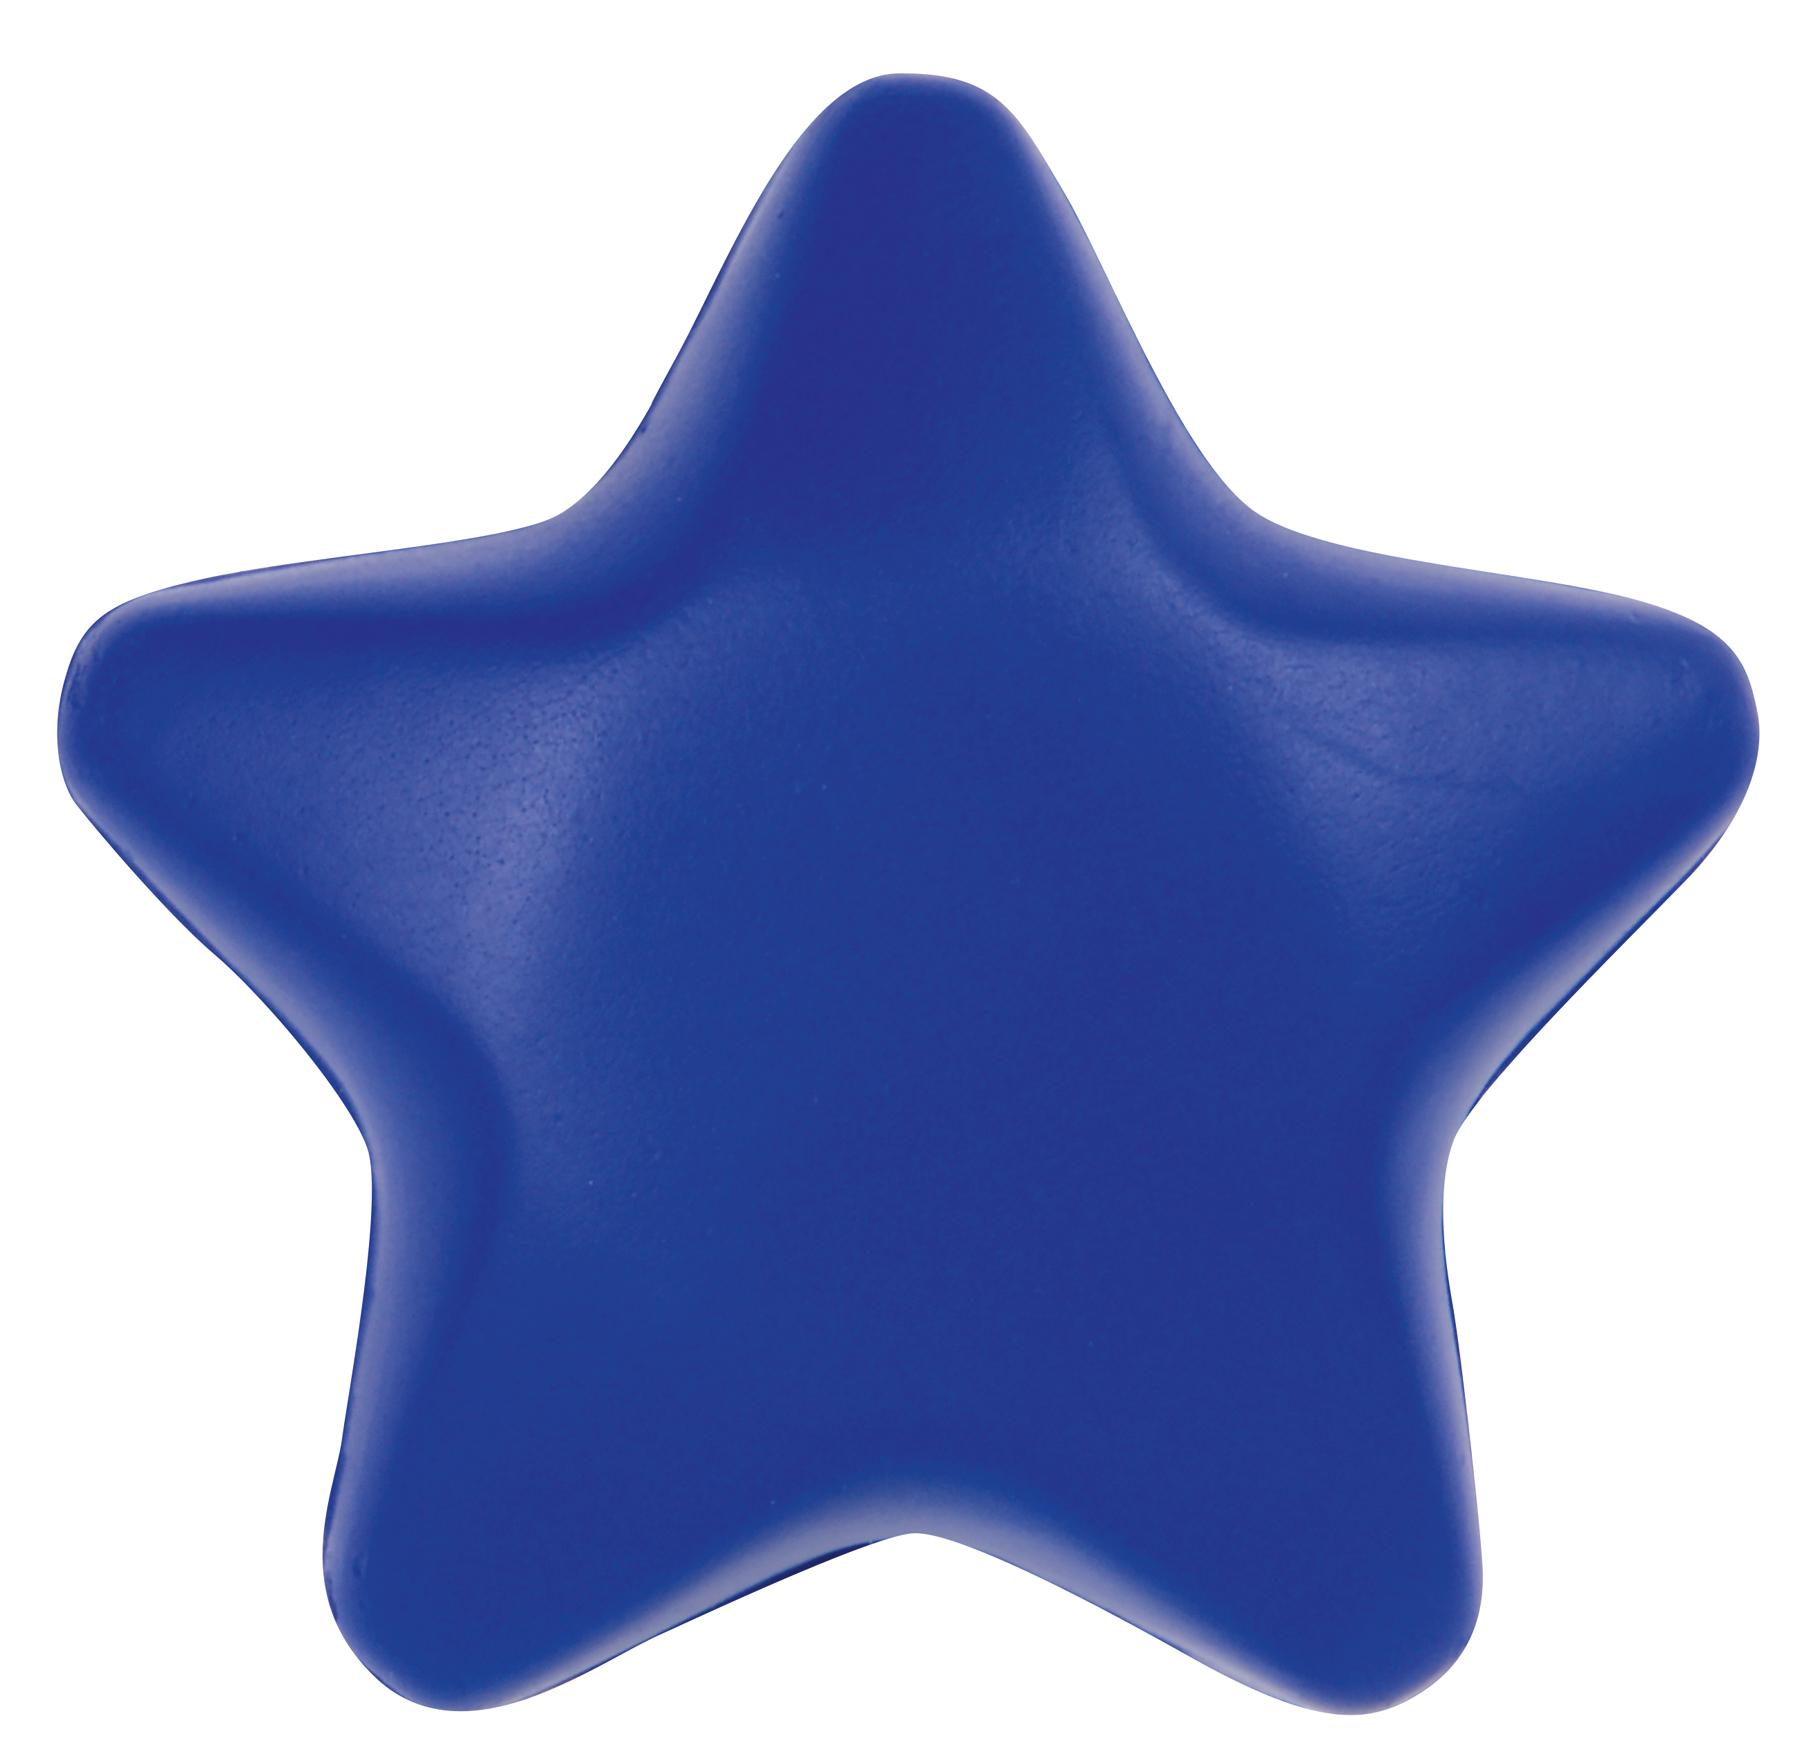 Gwiazda antystresowa STARLET, niebieski